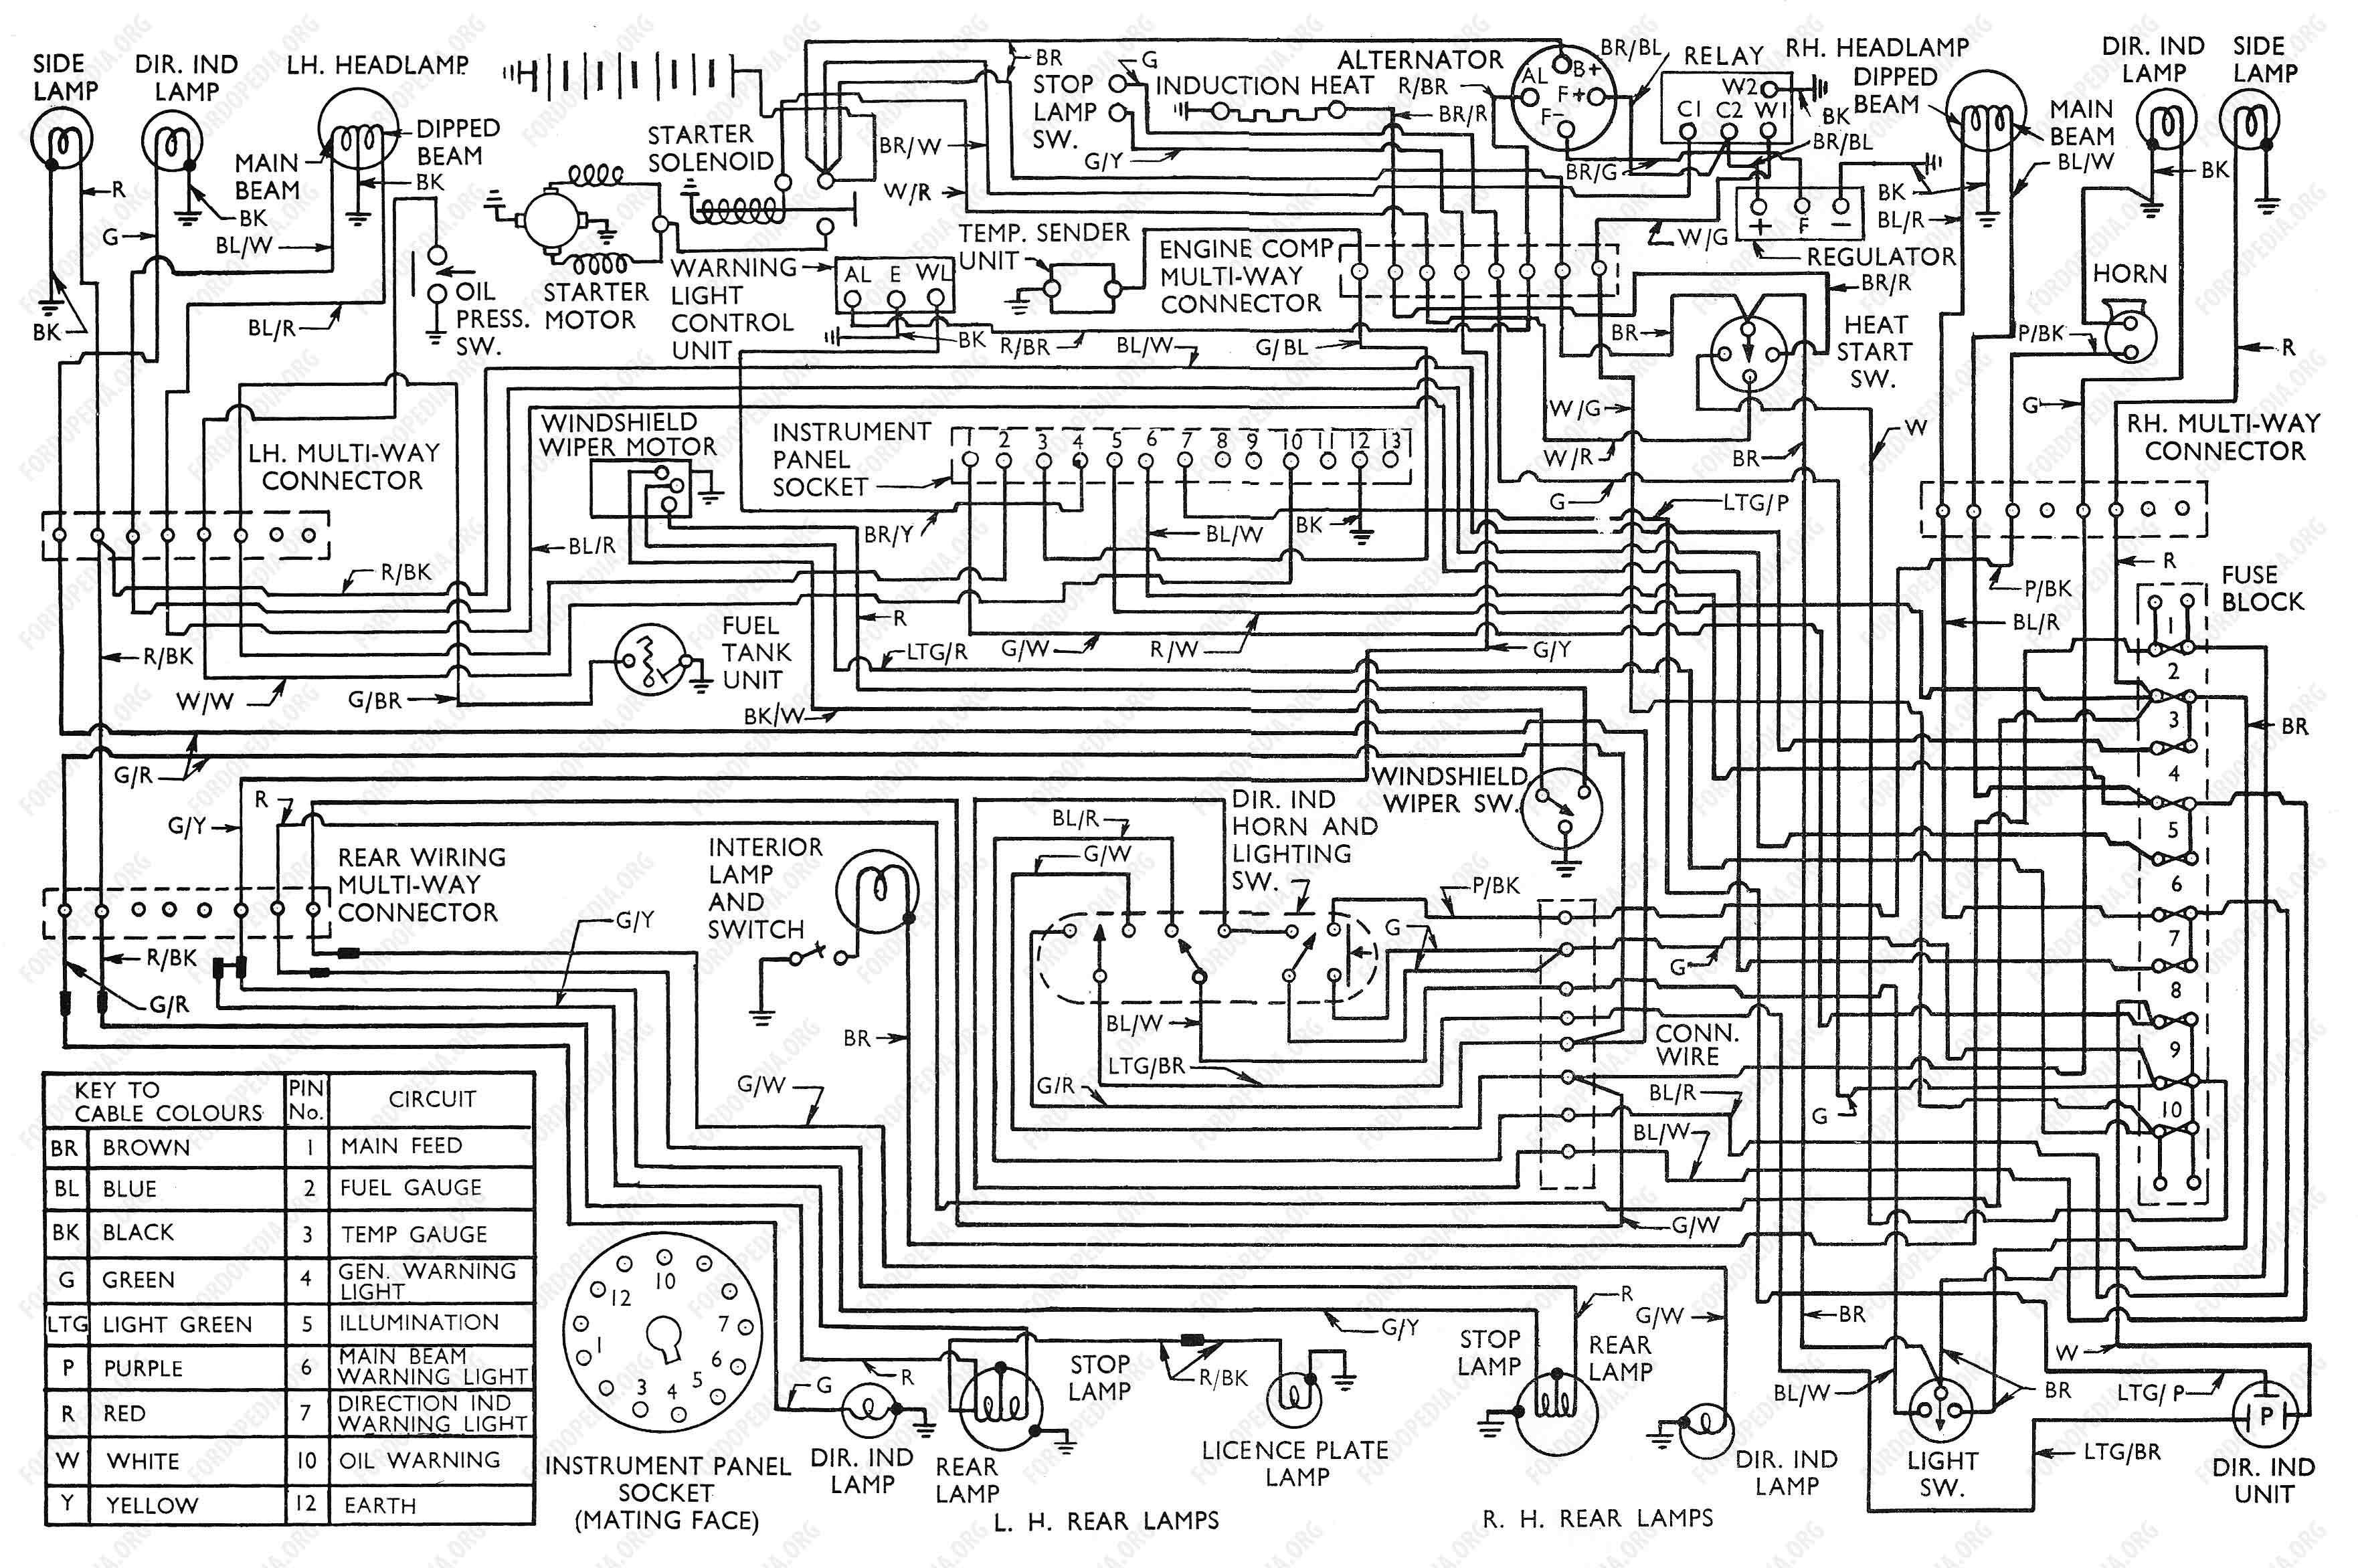 ford transit diagram wiring diagram imgford bus manuals \u0026 wiring diagrams pdf bus \u0026 coach manuals pdf ford transit wiring diagram download ford transit diagram